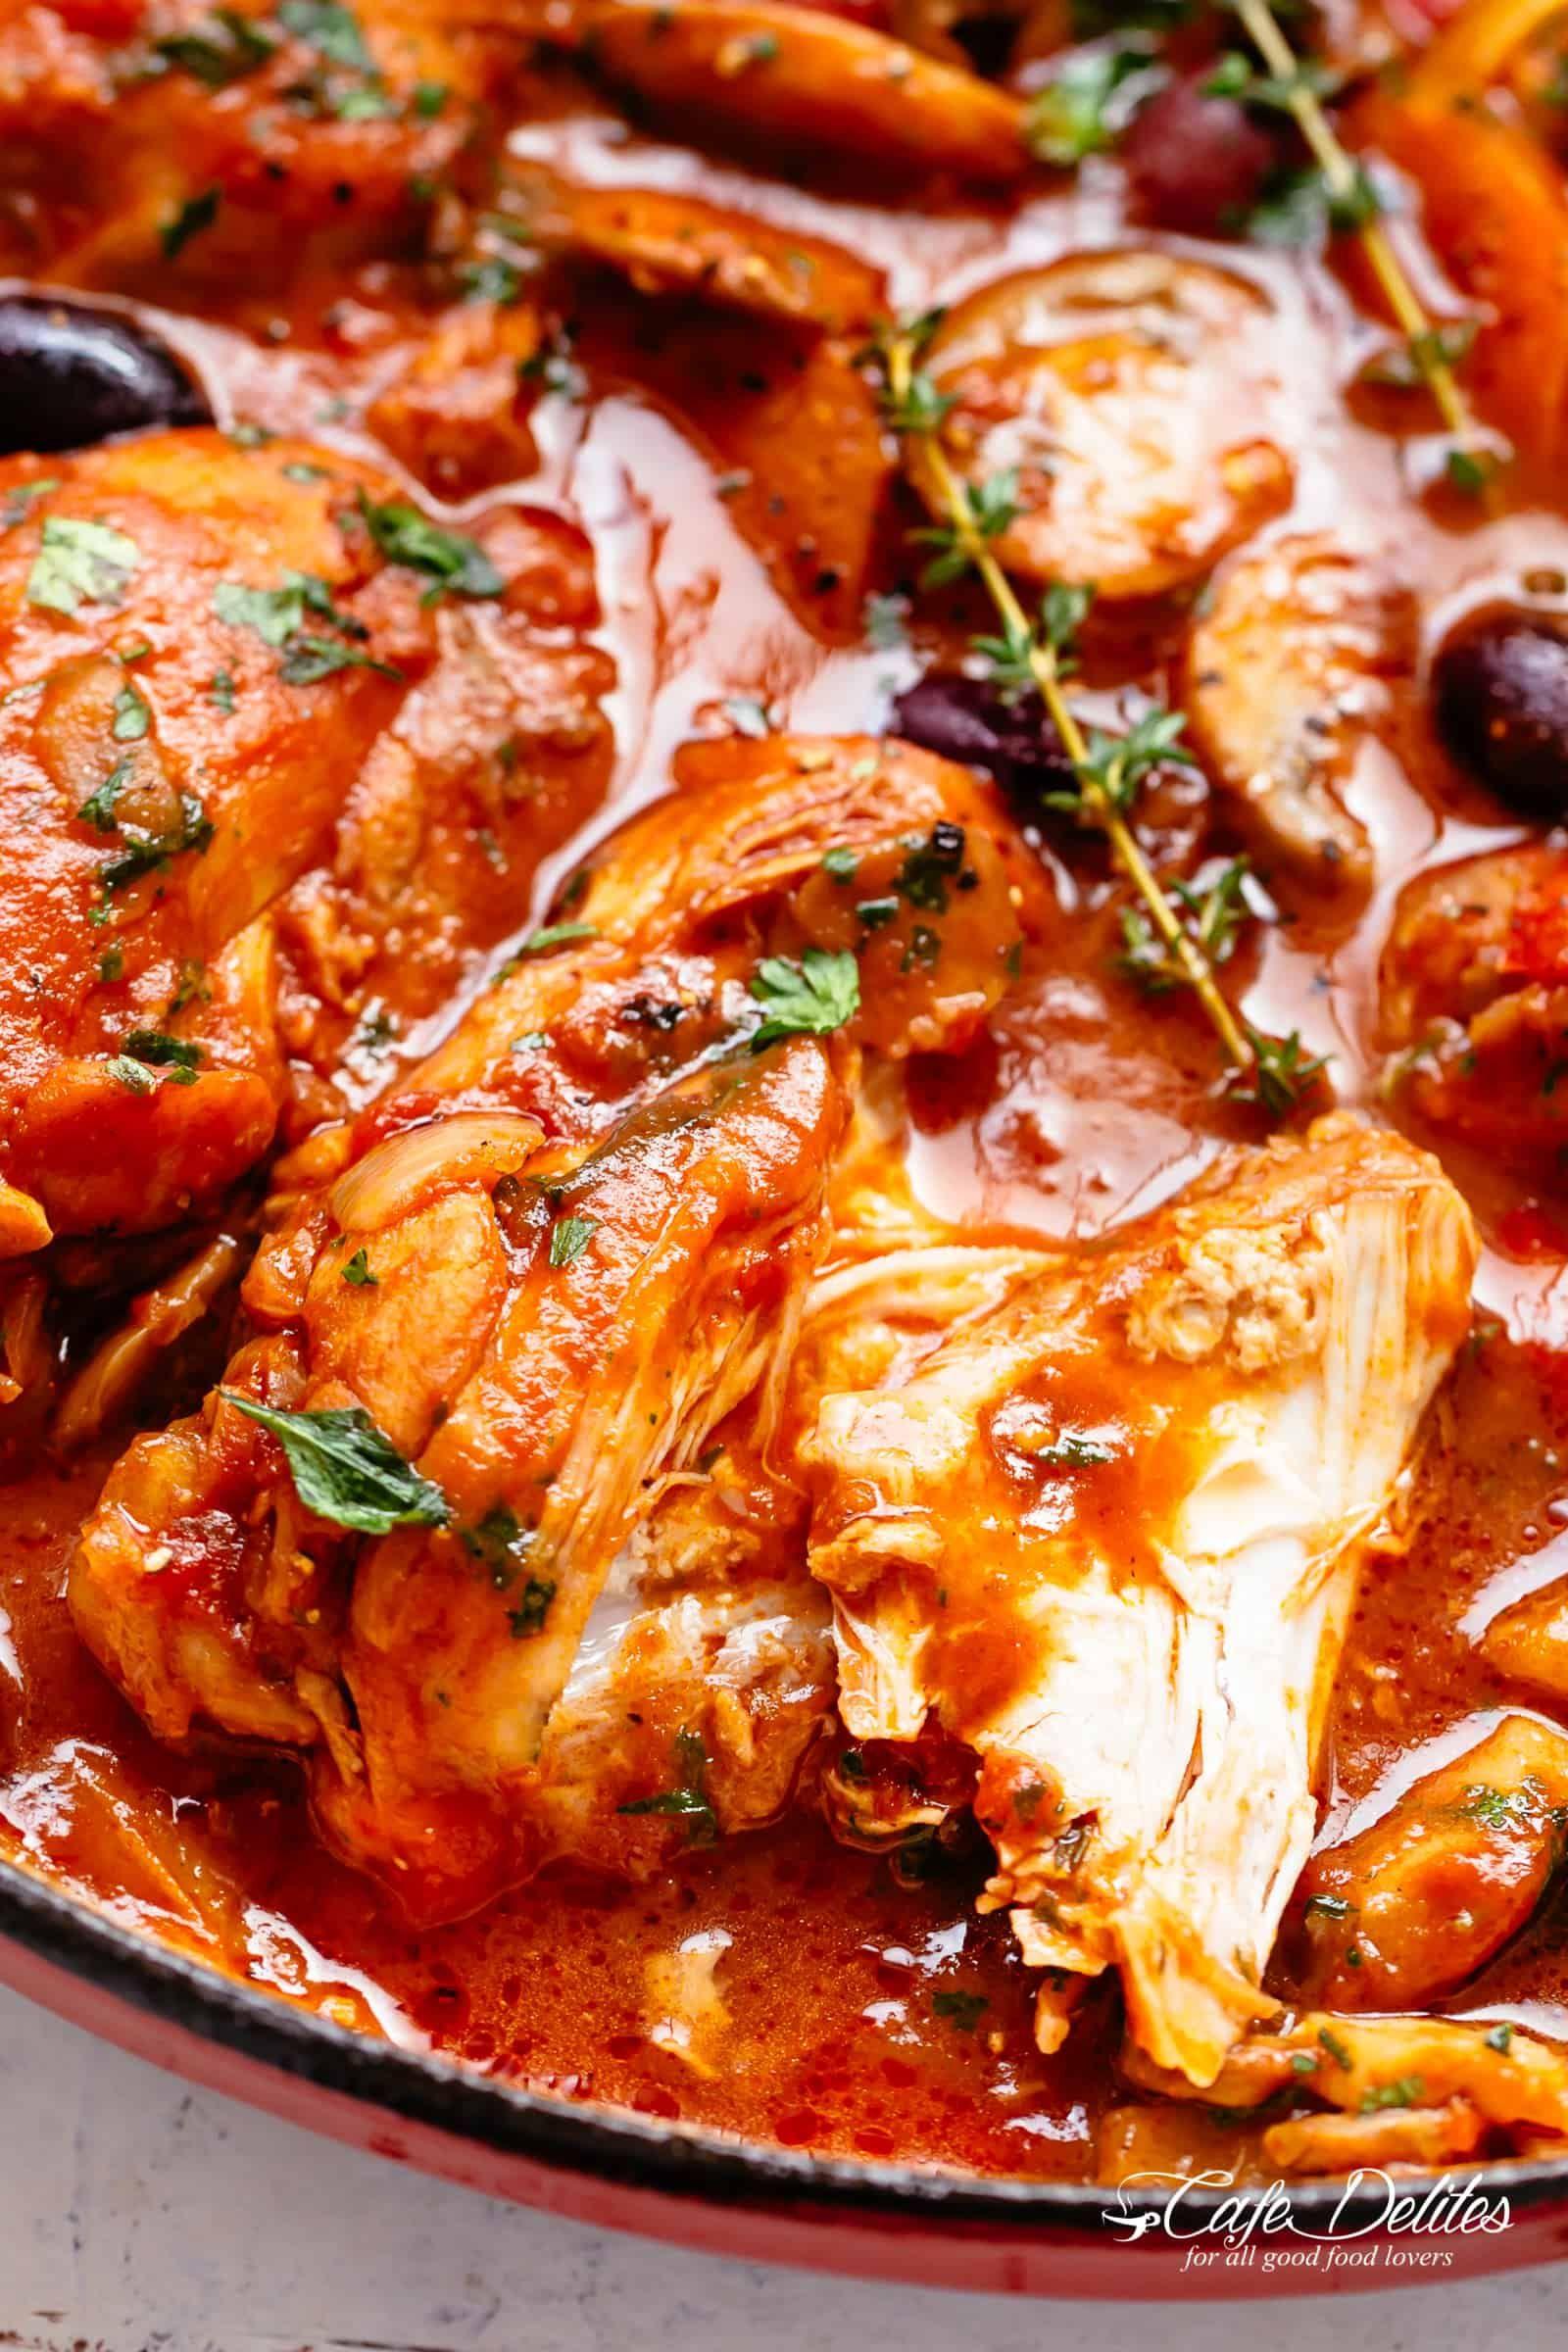 Fall Apart Chicken Cacciatore Cafedelites Com Cacciatore Recipes Chicken Recipes Chicken Cacciatore Recipe